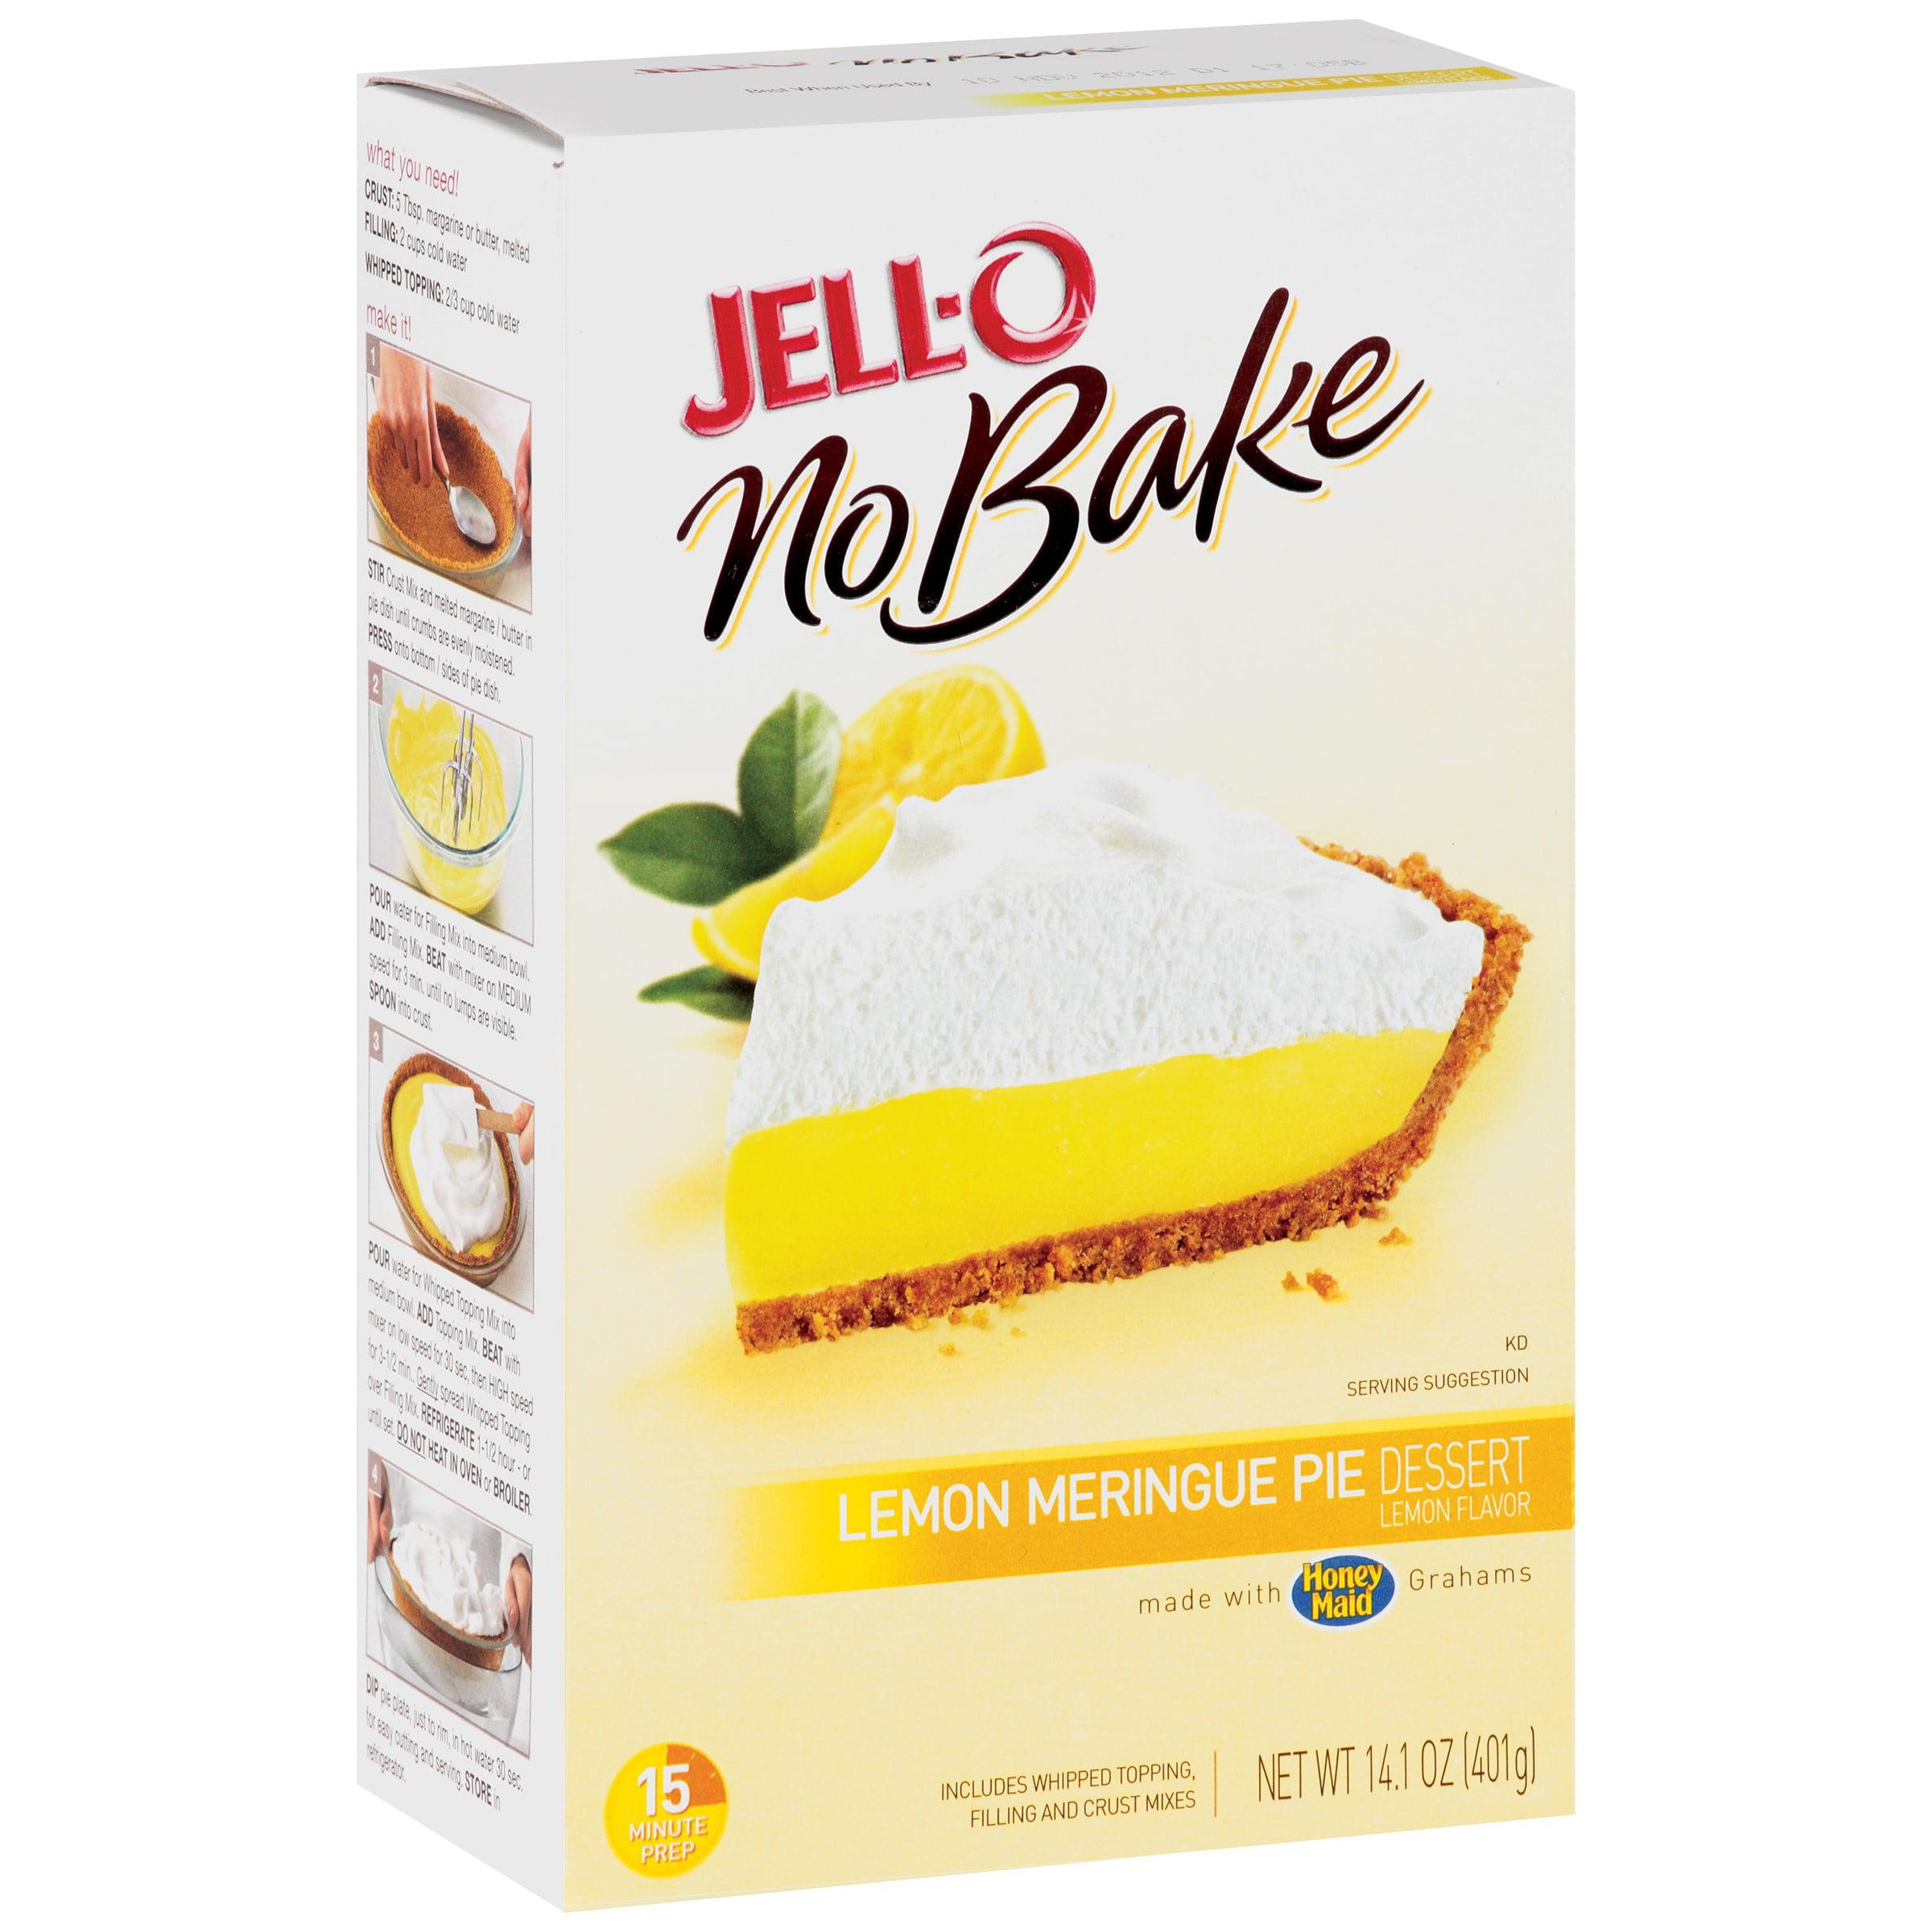 Jell-O No Bake Lemon Meringue Pie Dessert Mix, 14.1 Ounce